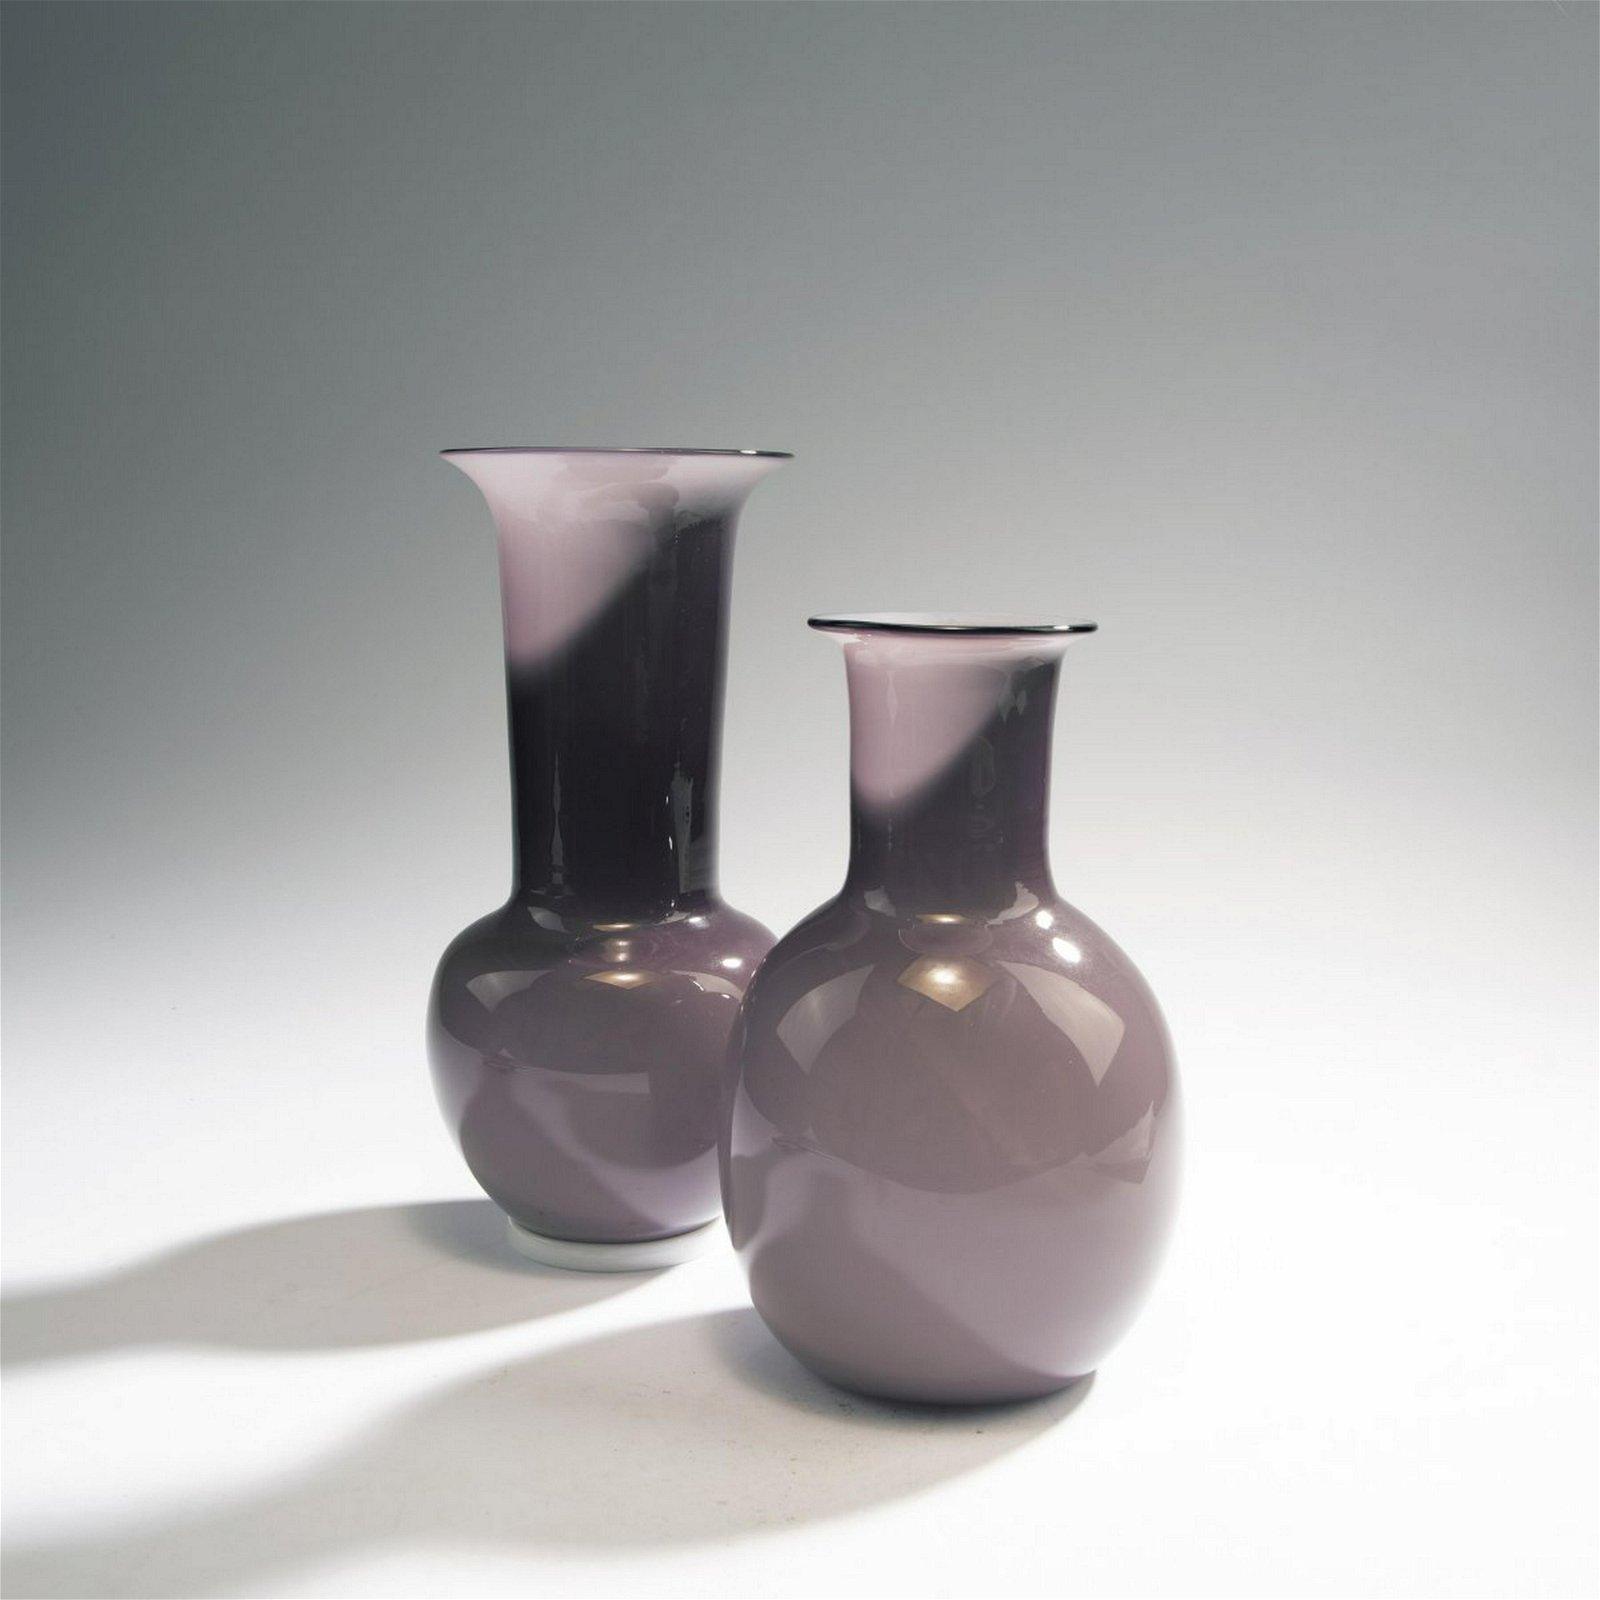 Tomaso Buzzi, Two 'Incamiciato' vases, 1932-33